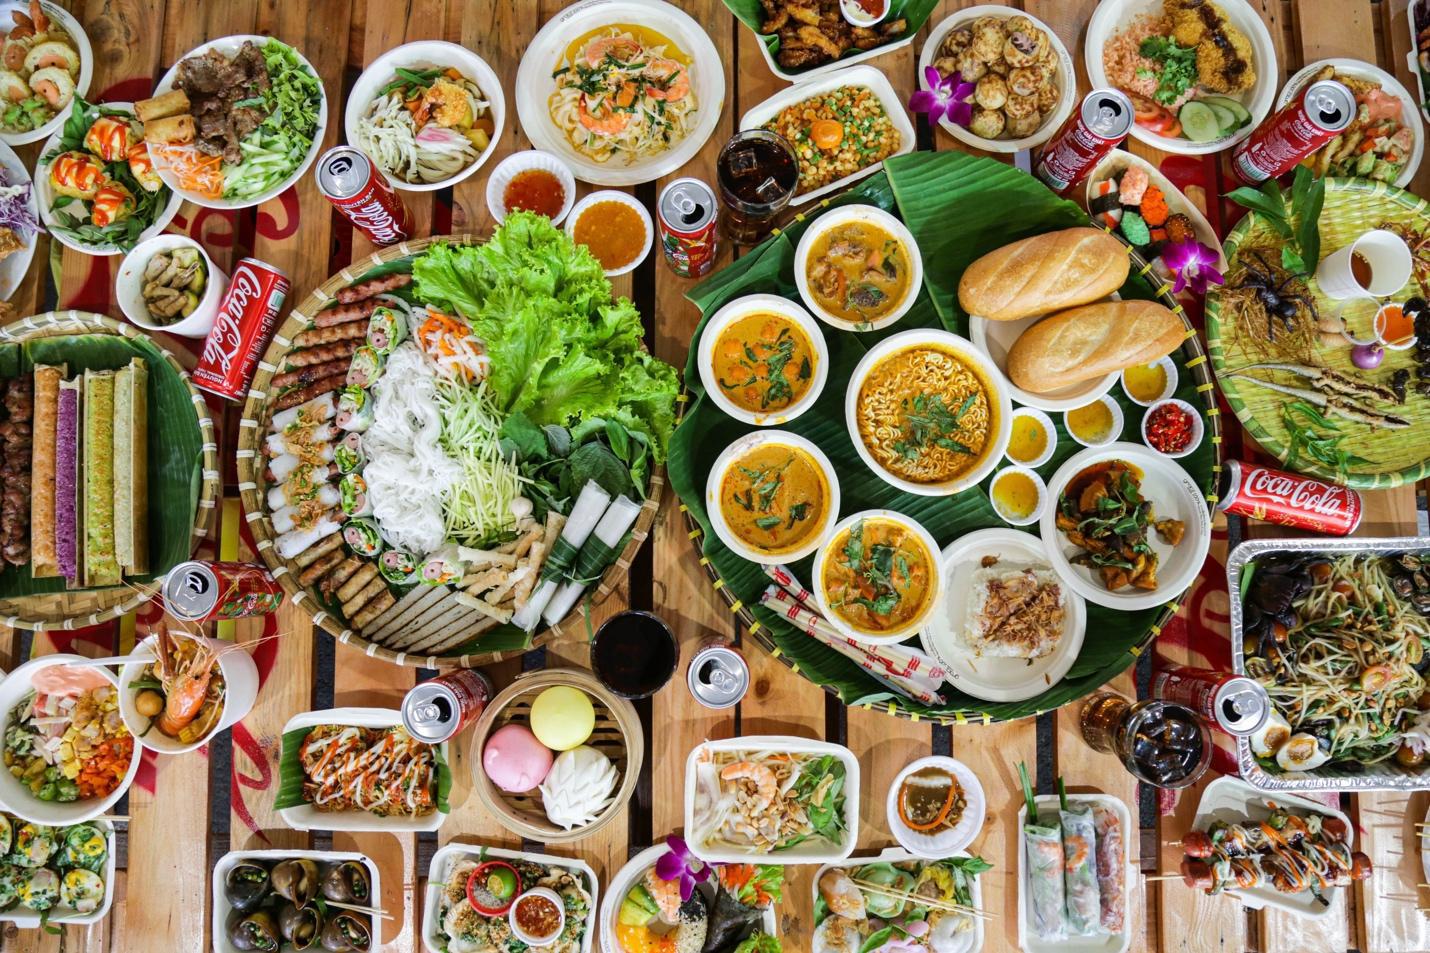 """Giới trẻ Sài thành đổ xô đi tìm """"vị mùa thu"""" tại Lễ hội Ẩm thực châu Á - Ảnh 2."""